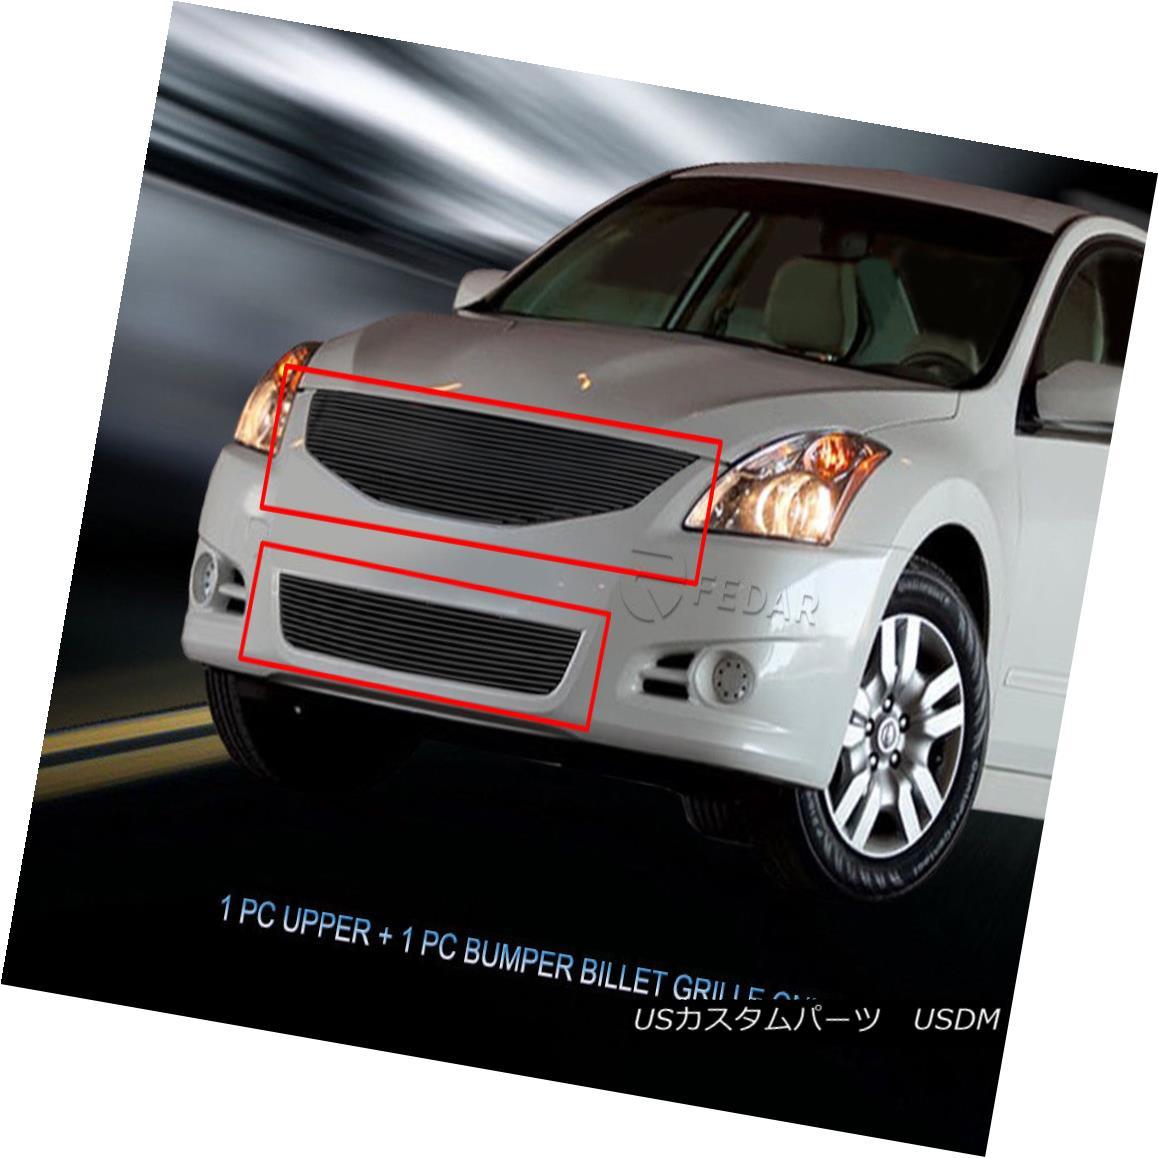 グリル Fedar Fits 2010-2012 Nissan Altima Black Billet Grille Insert Fedar Fits 2010-2012 Nissan Altima Black Billetグリルインサート